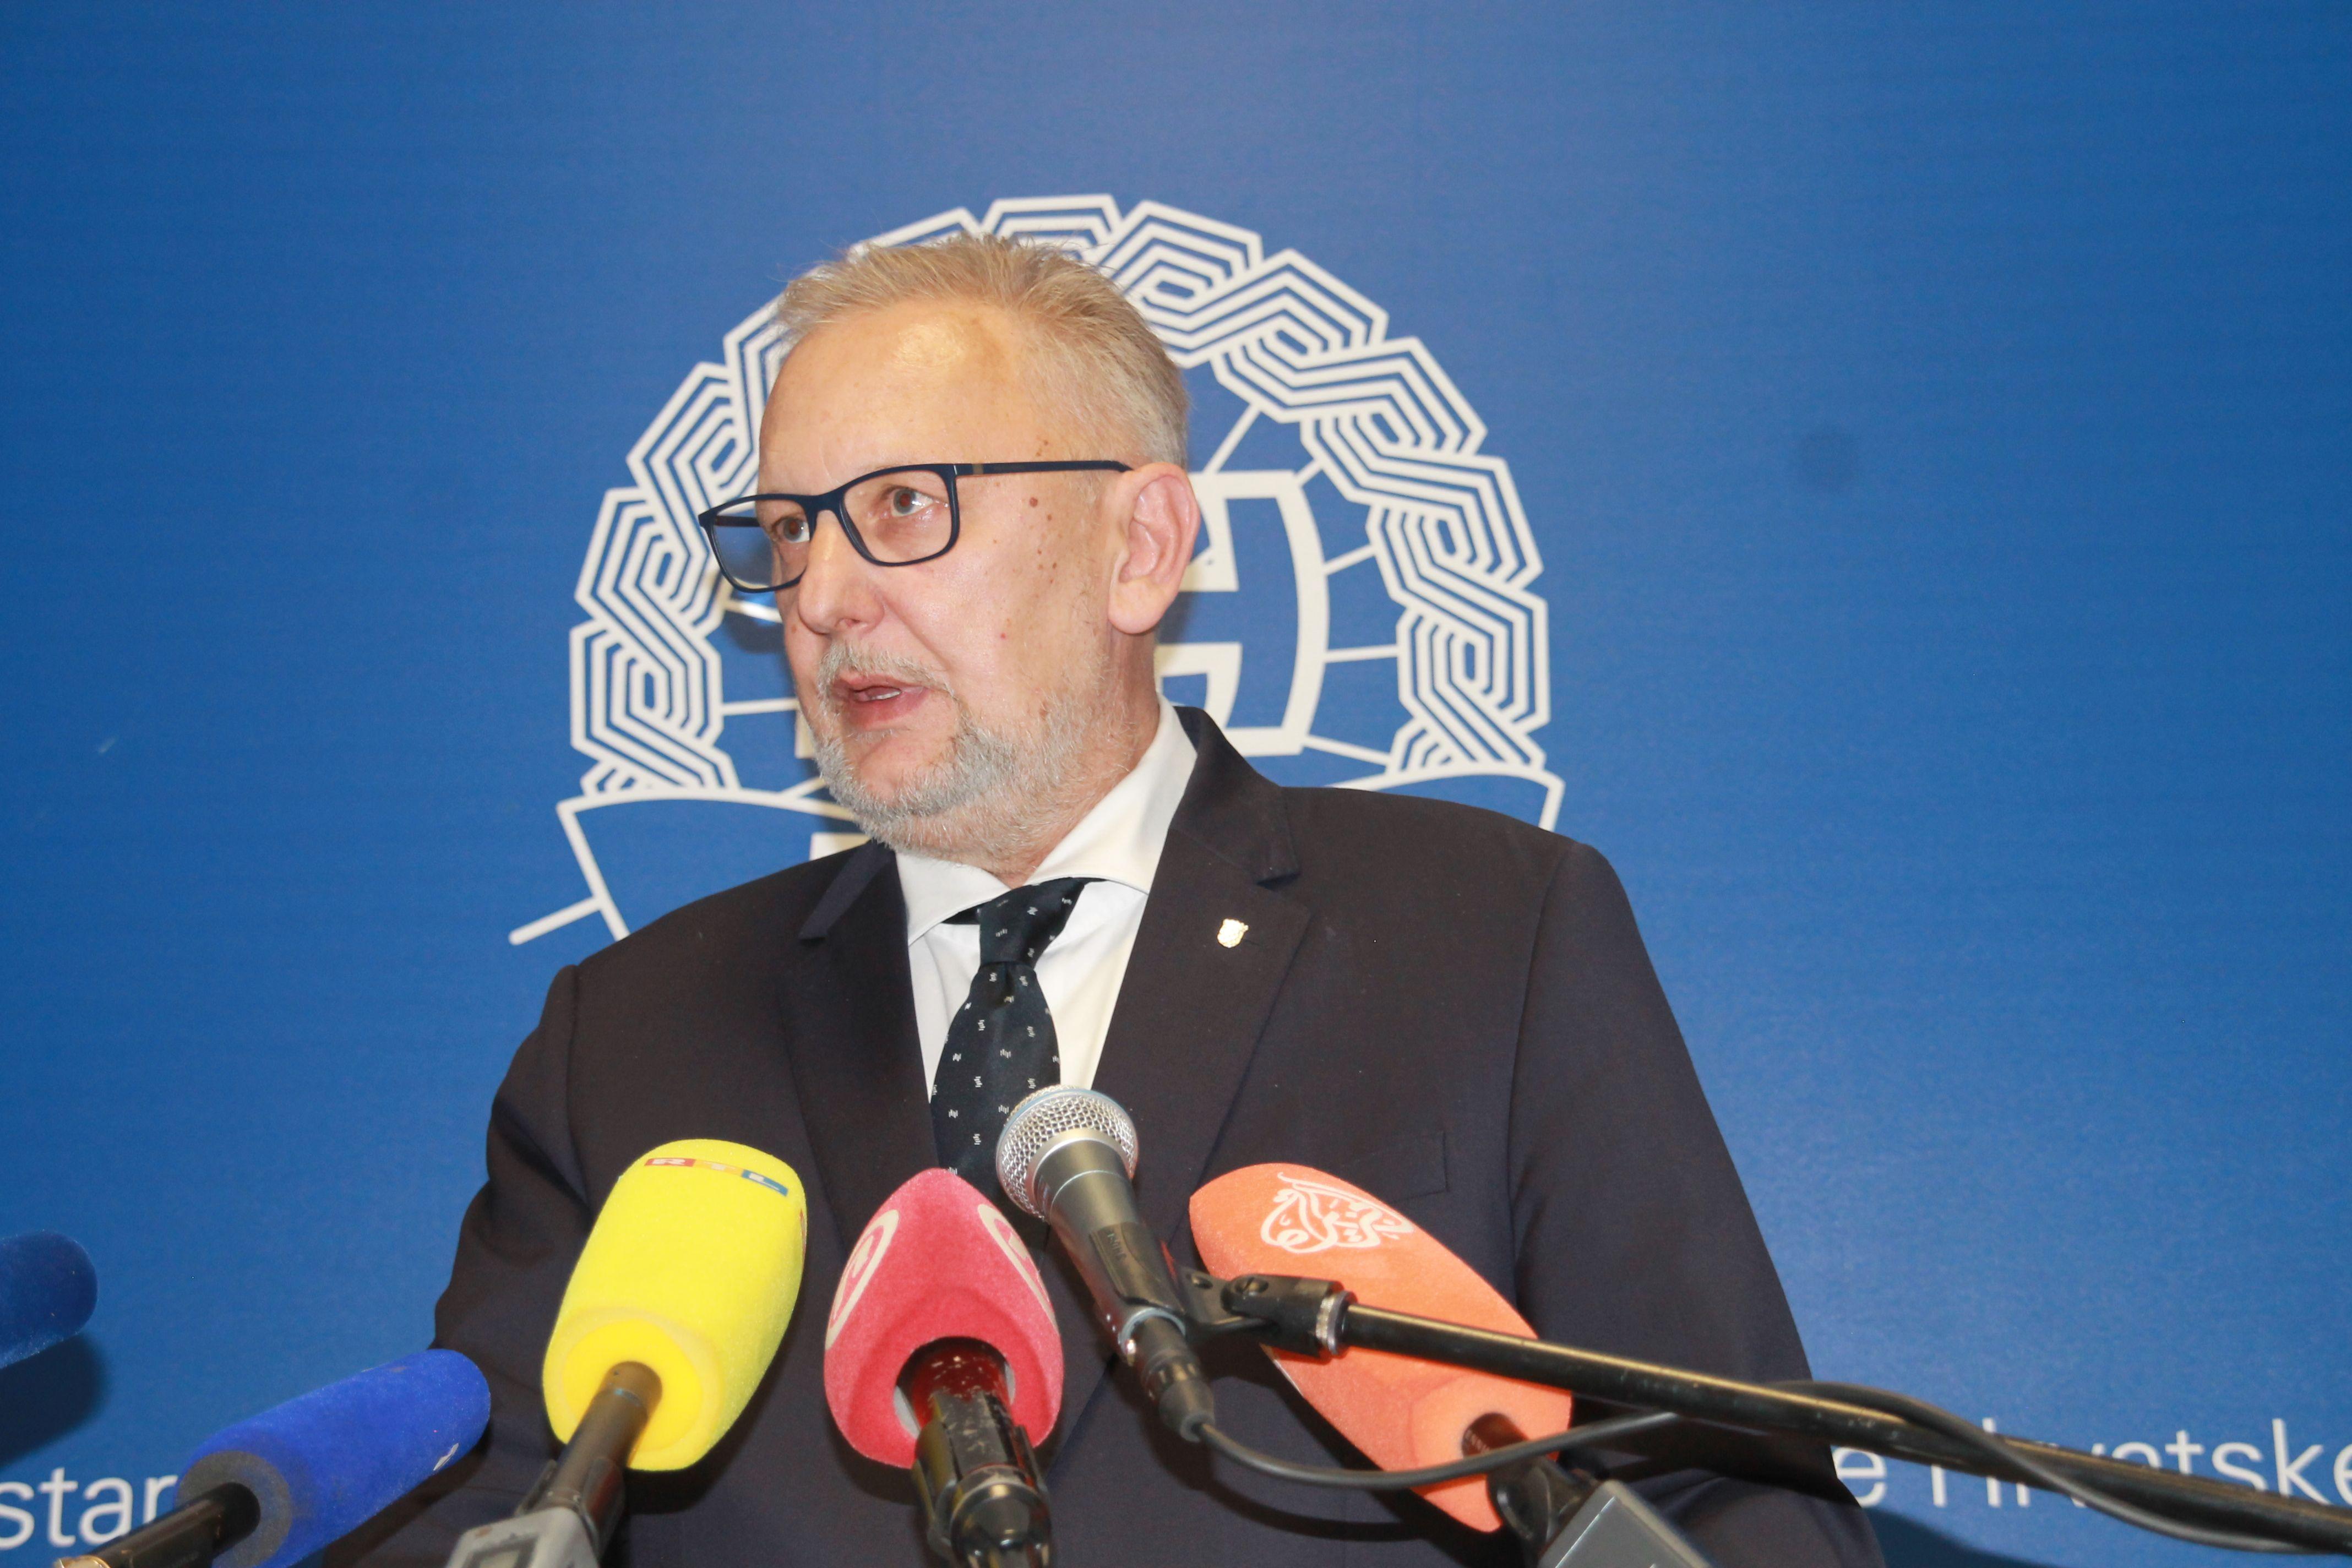 Božinović: Tko smatra da Hrvatska nije spremna za Schengen politizira i pokazuje da nema pojma